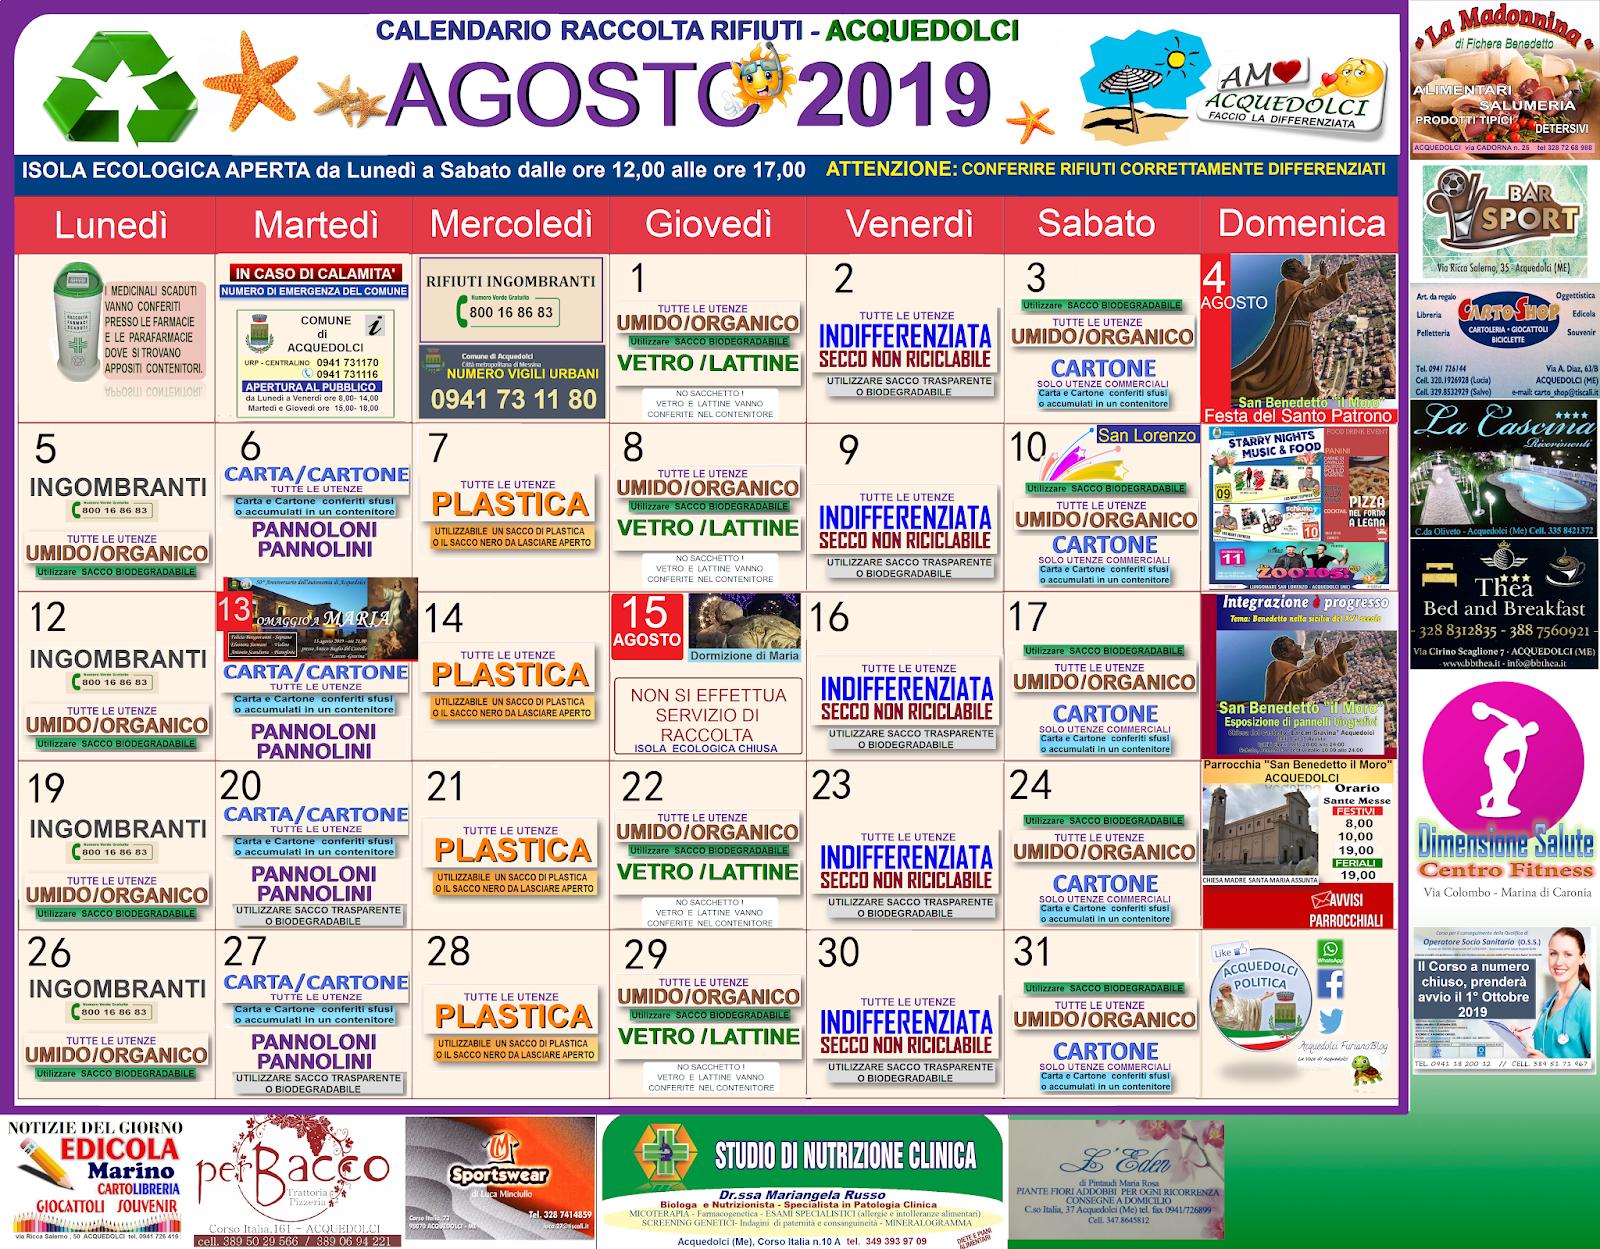 Calendario Raccolta Differenziata Sanremo.Agosto Calendario Della Raccolta Differenziata